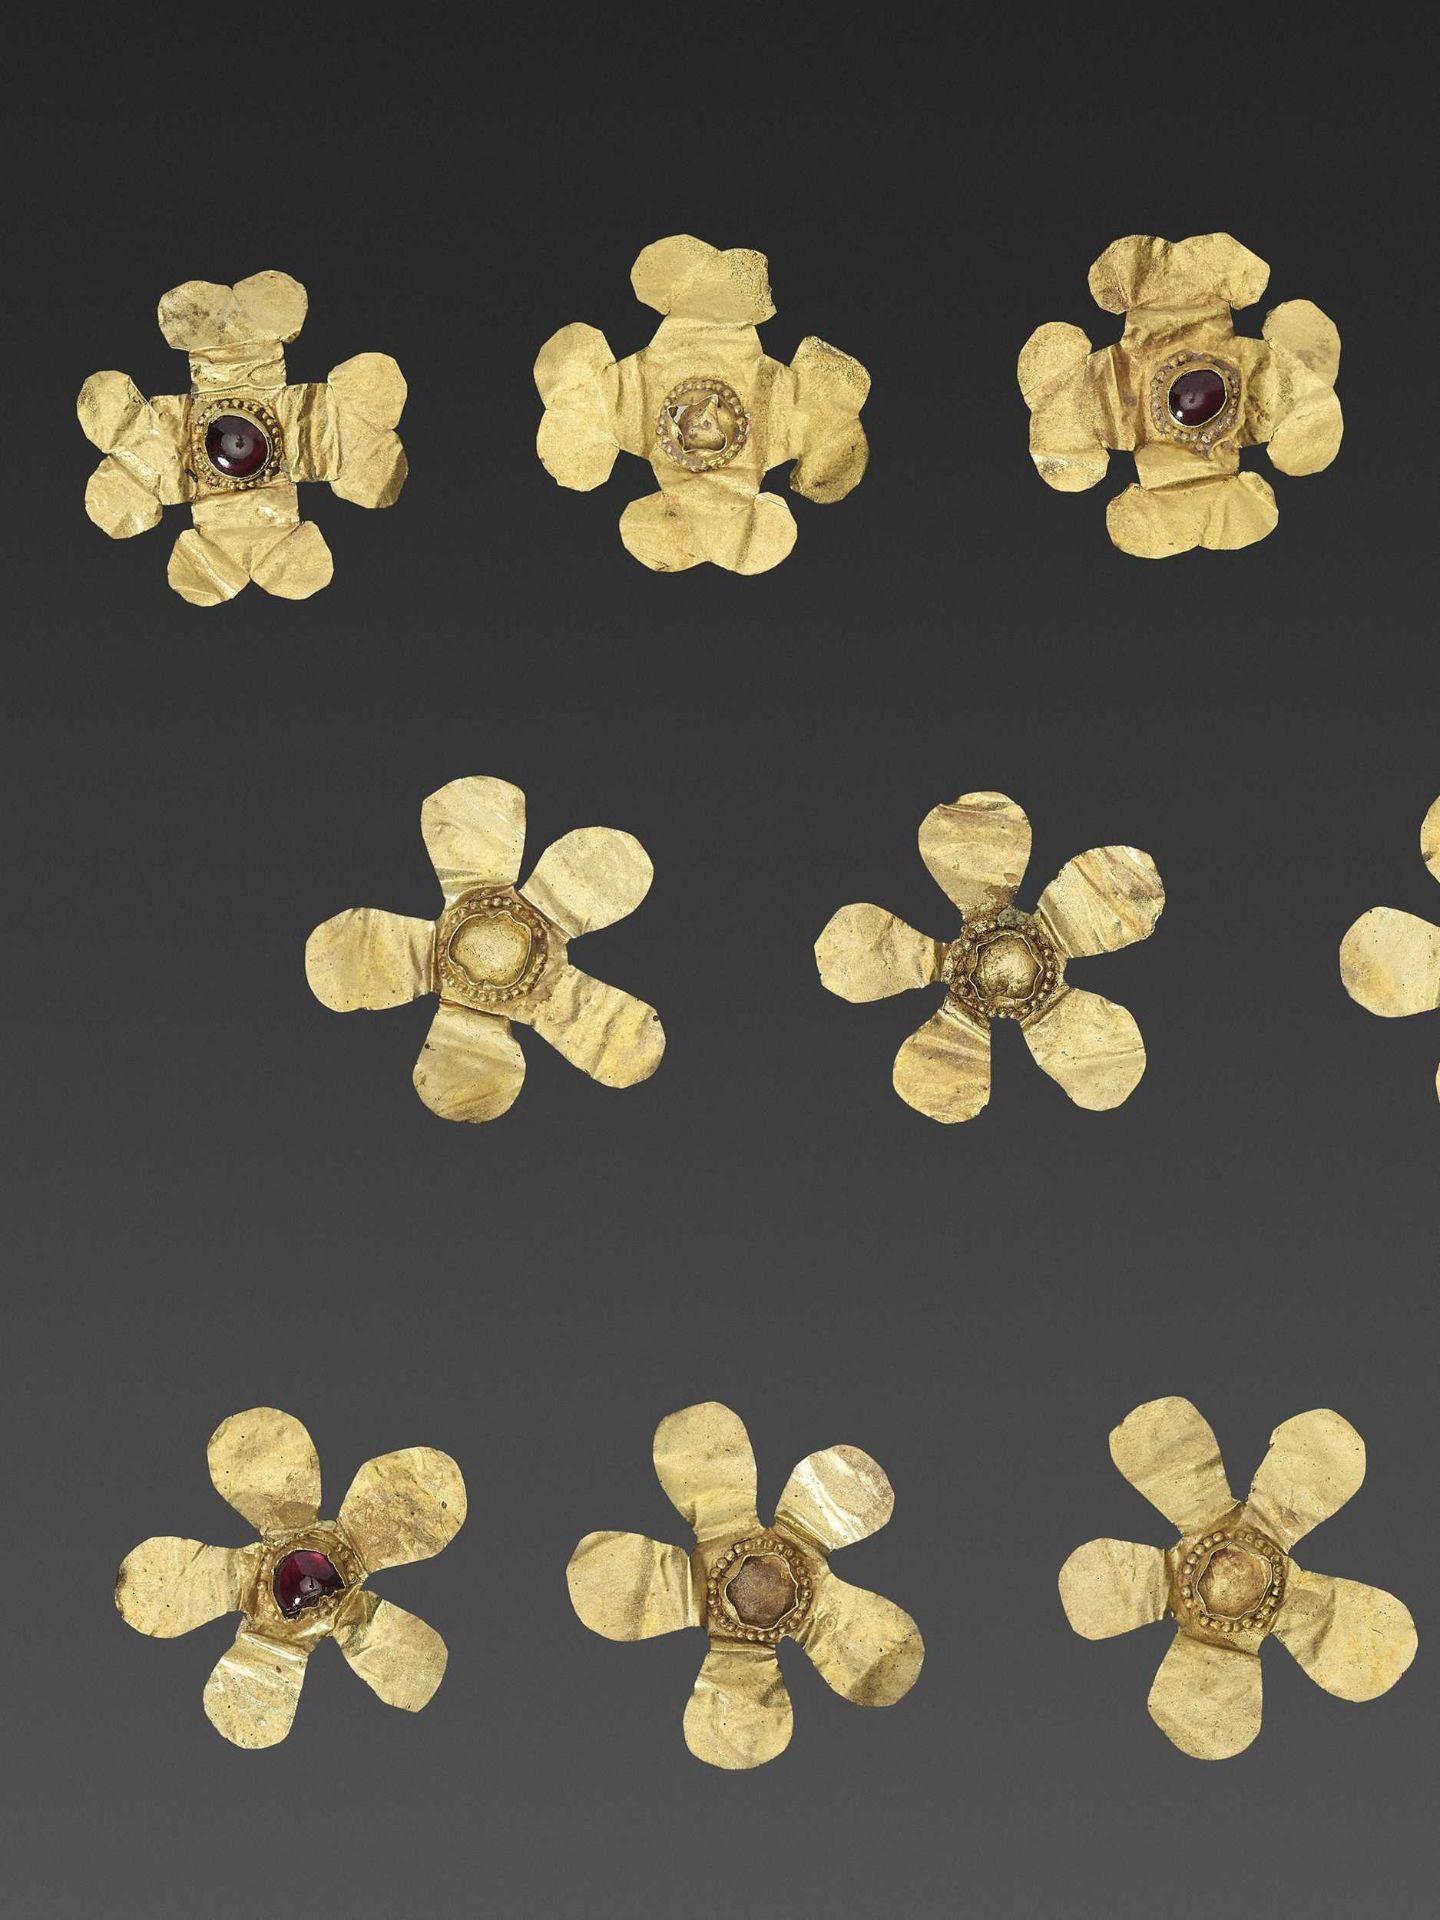 11 BACTRIAN GOLD 'FLOWER' GARMENT ORNAMENTS - Bild 2 aus 4